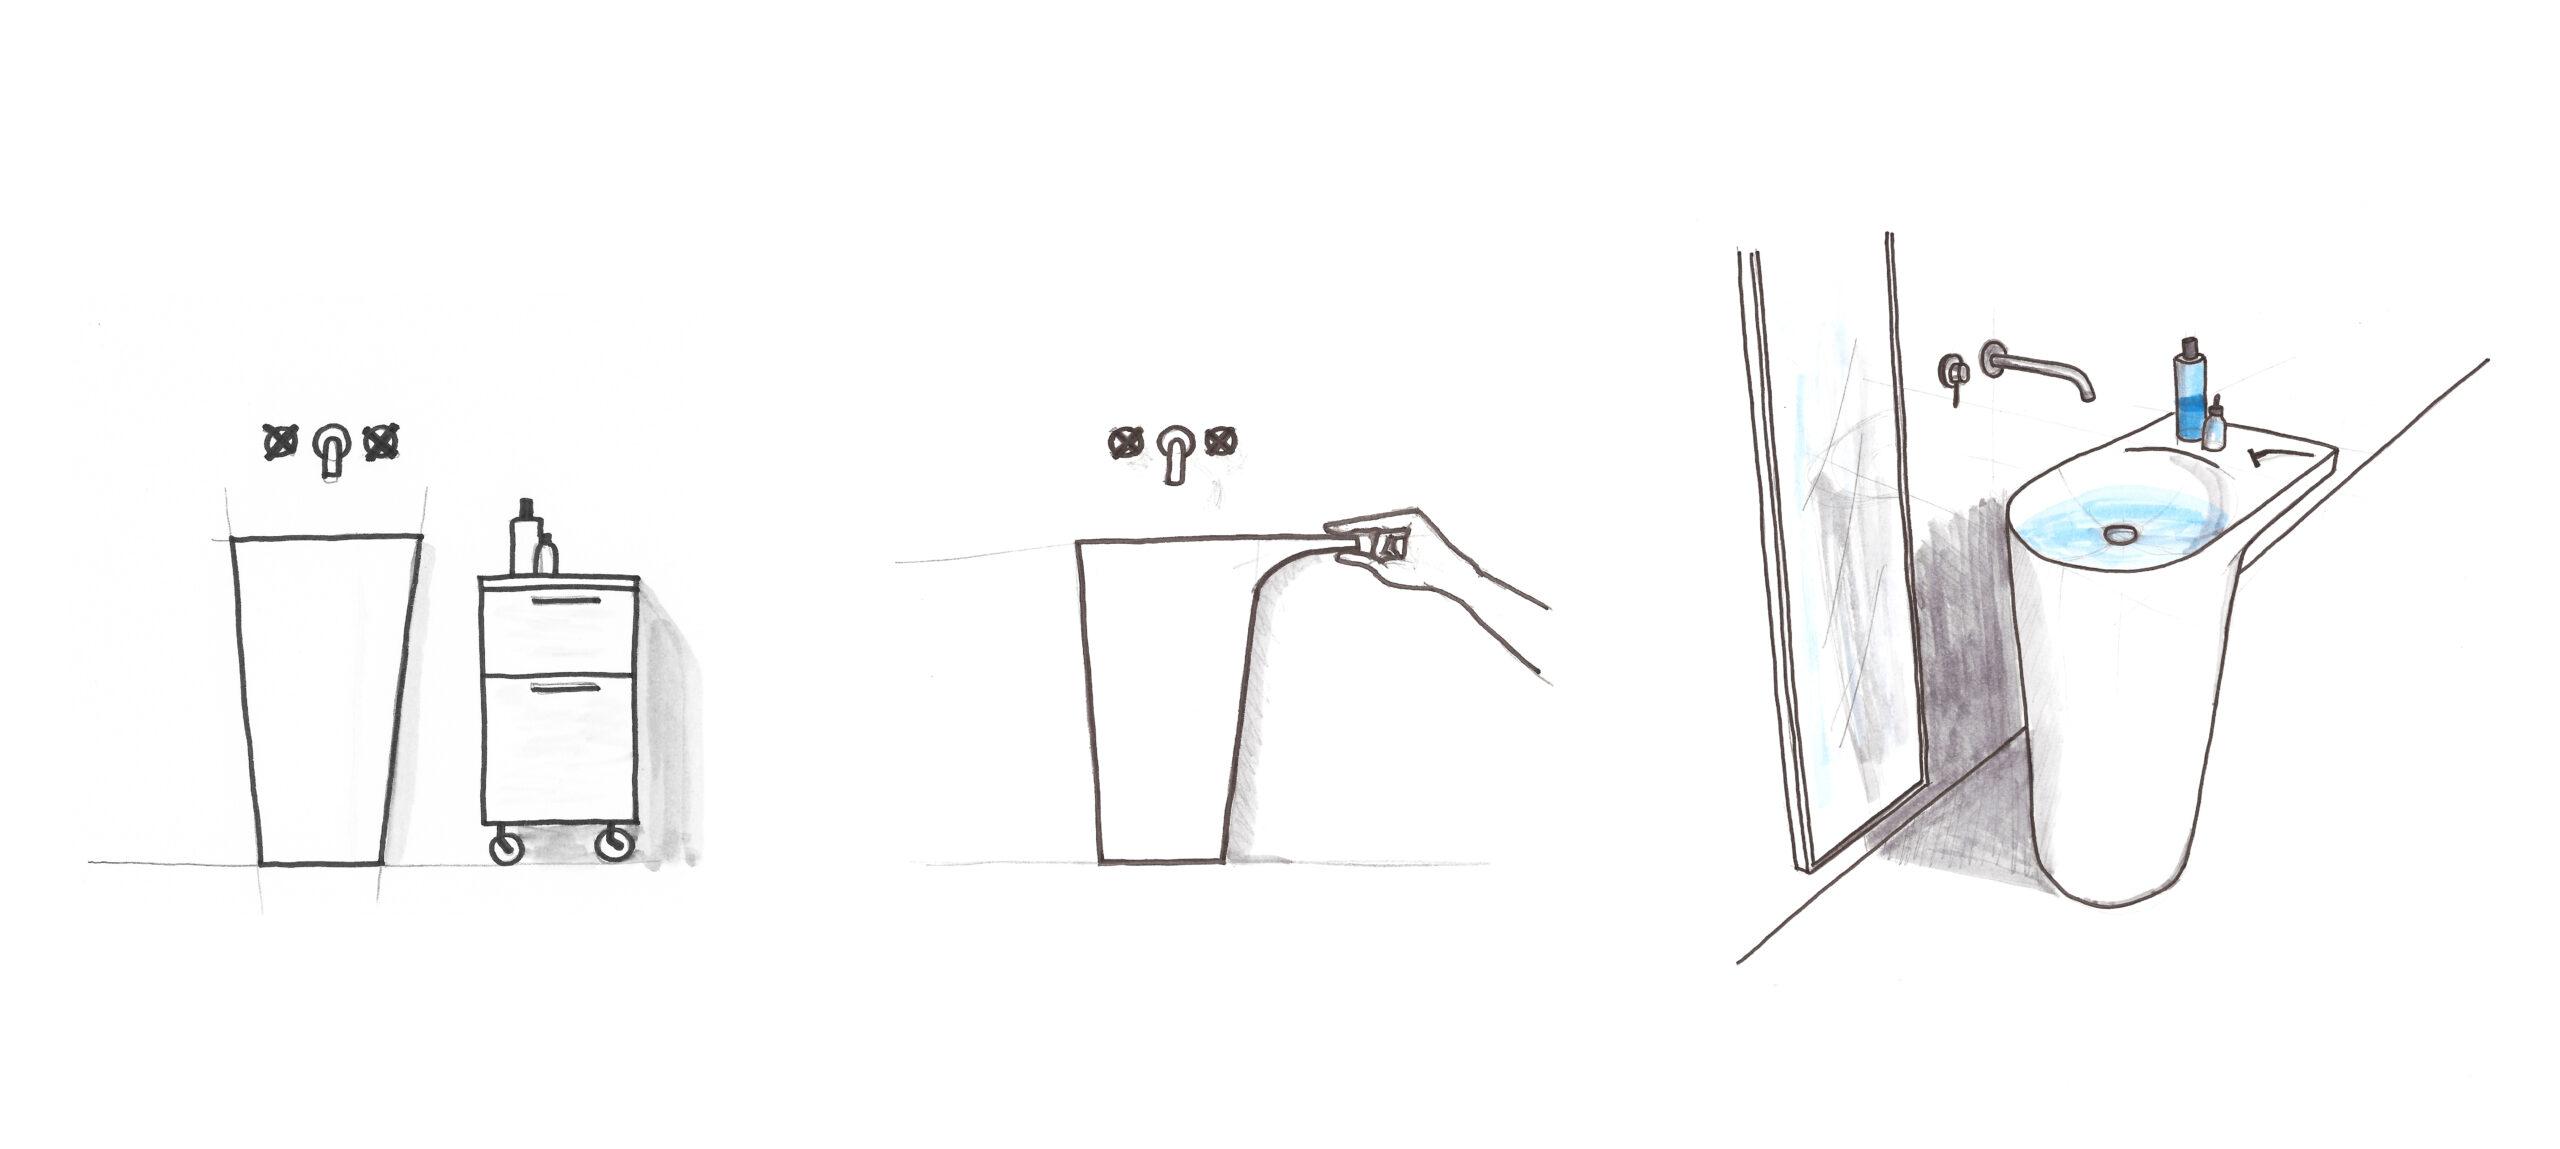 Concept Sketch of the Ala washbasin by Debiasi Sandri for Toscoquattro